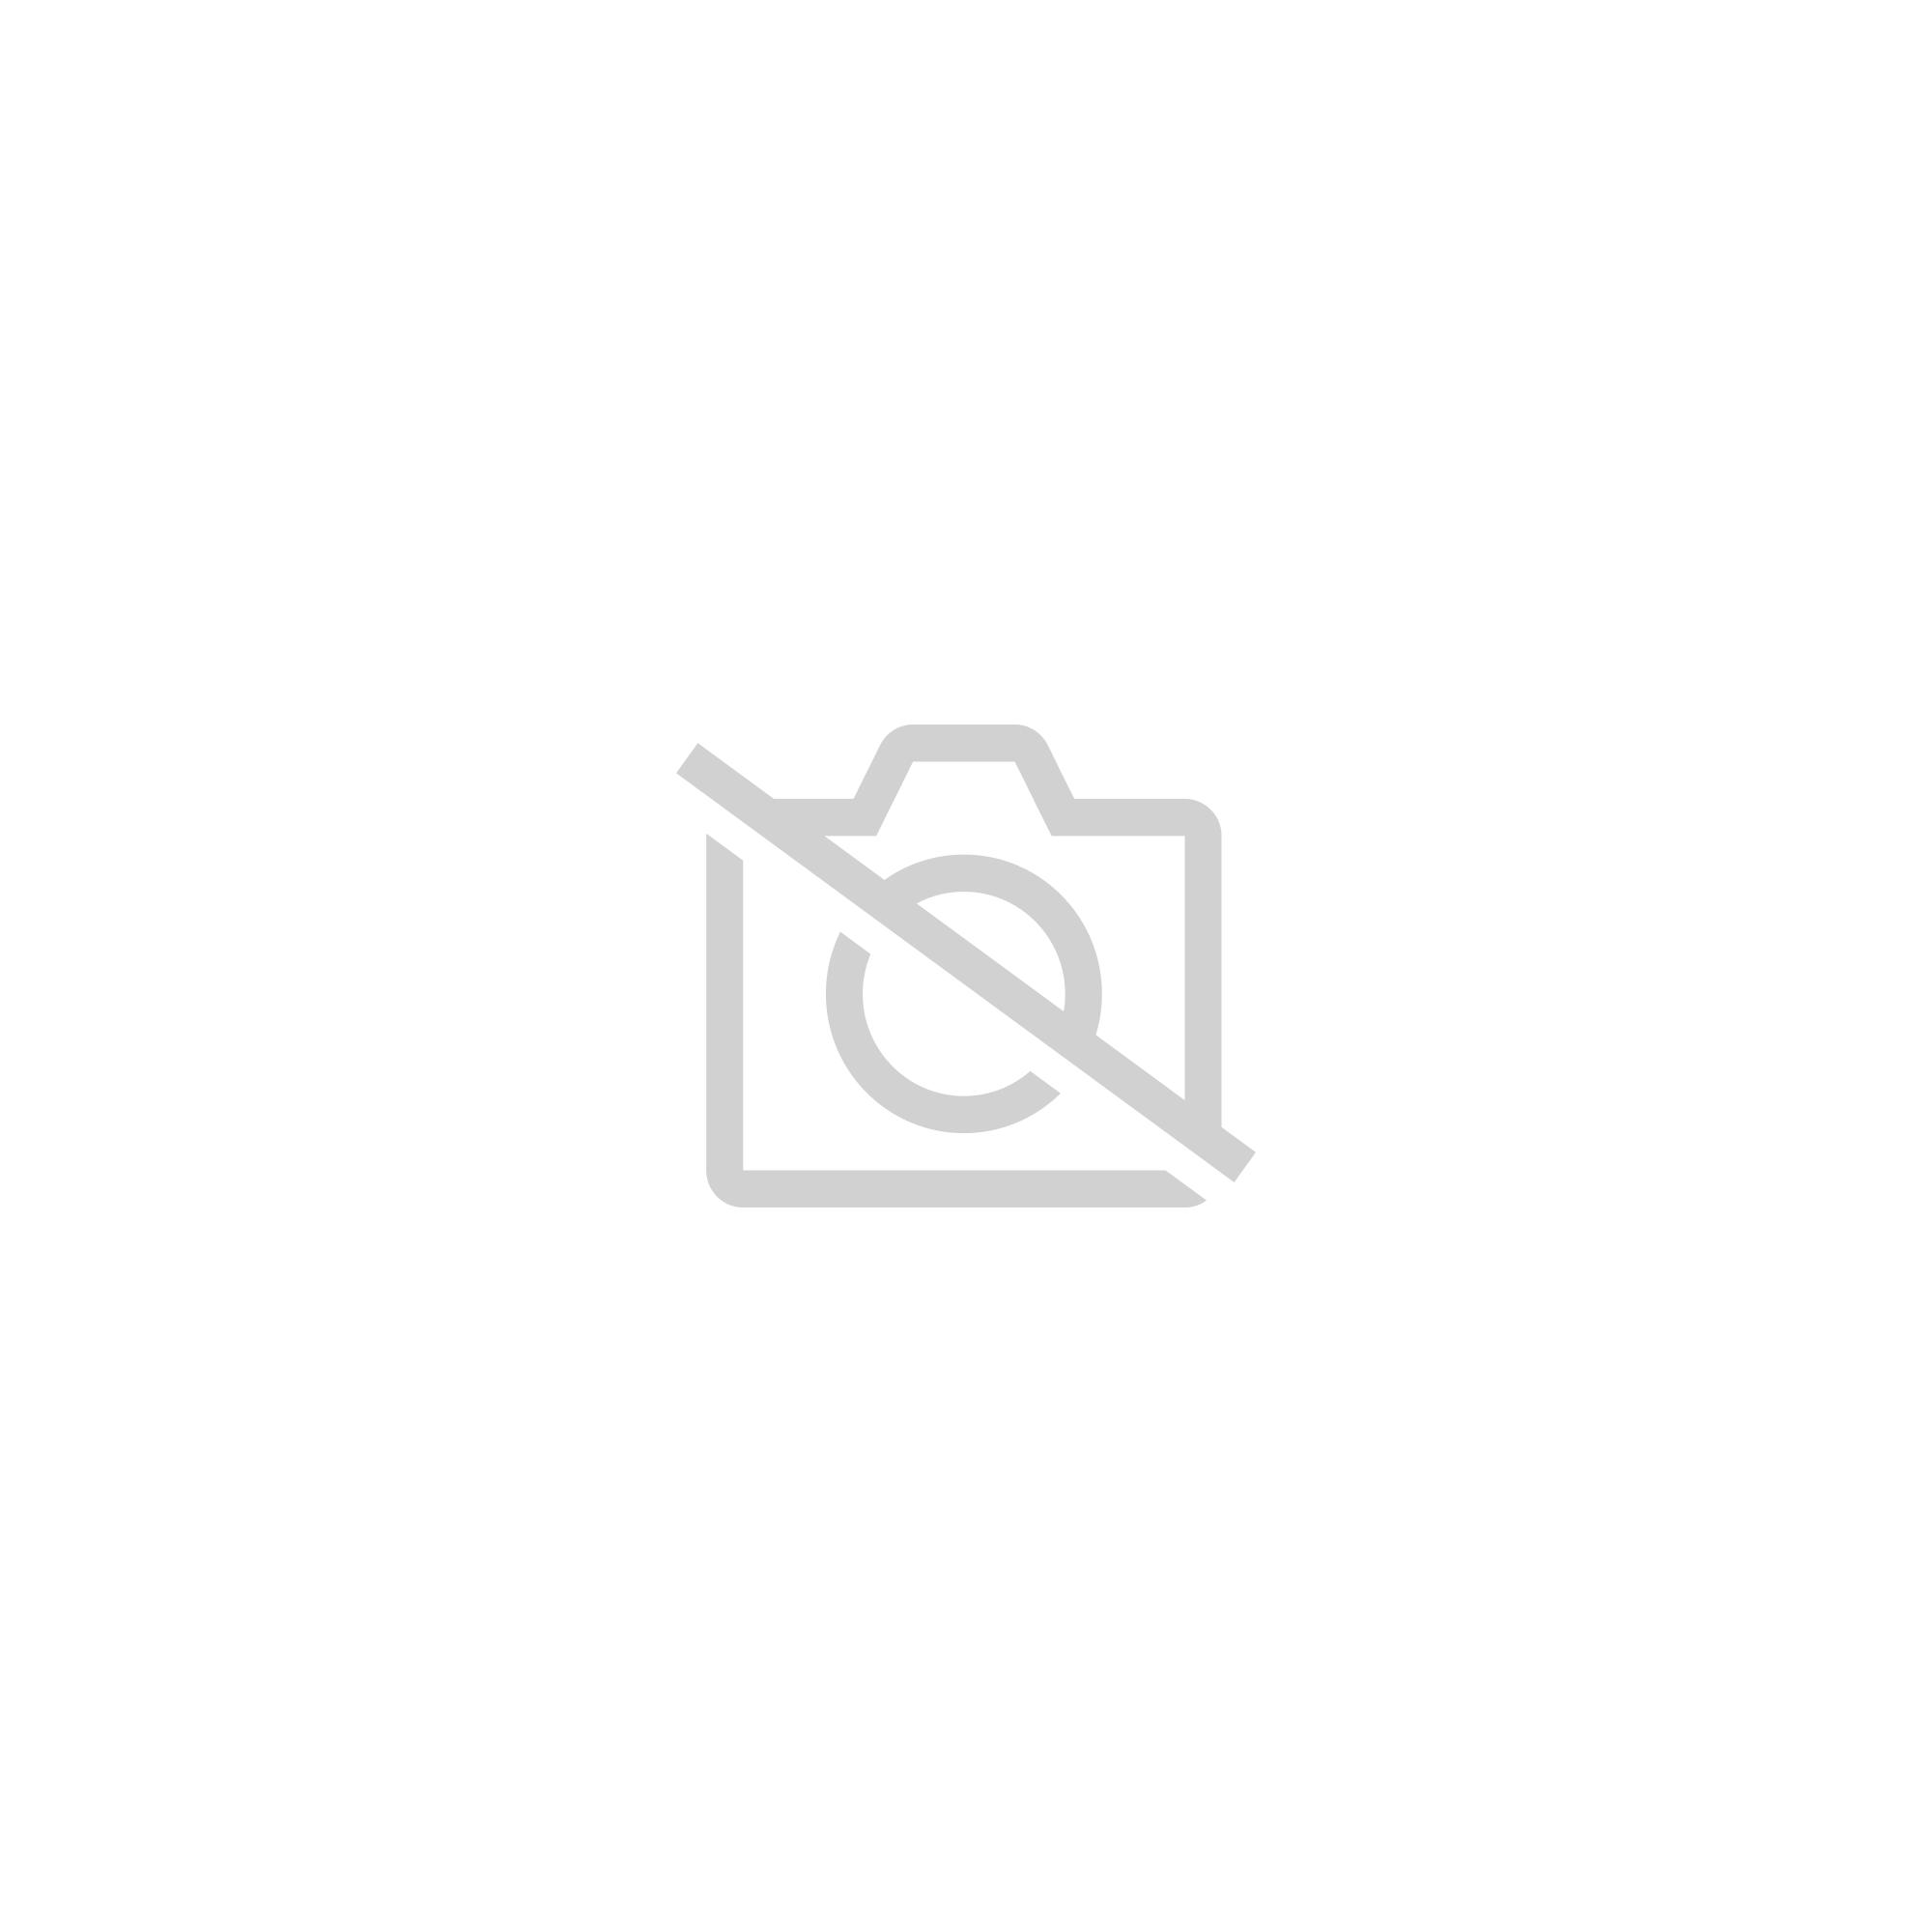 Max Ga InvigorSneakers Air Nike Basses ZPOXuTwki